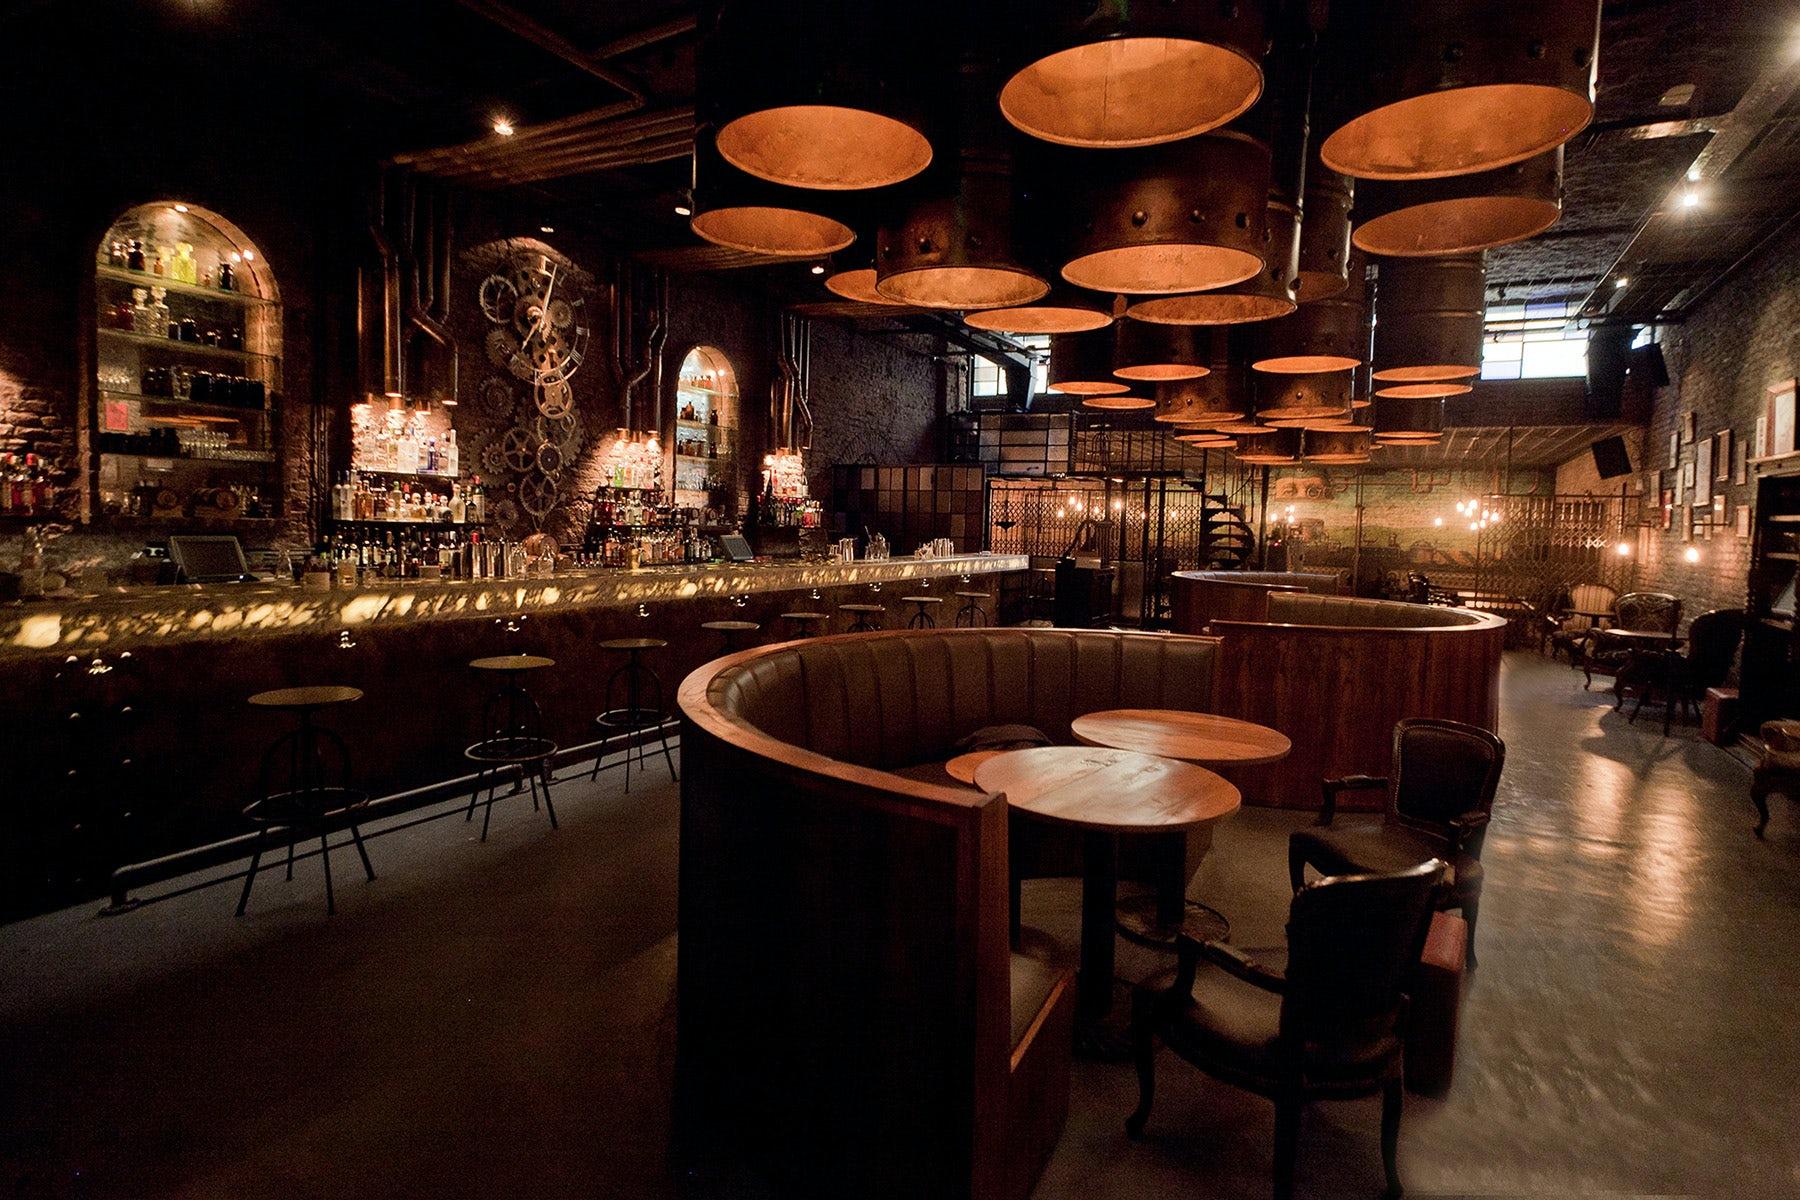 Giochi di bar e ristoranti gratis